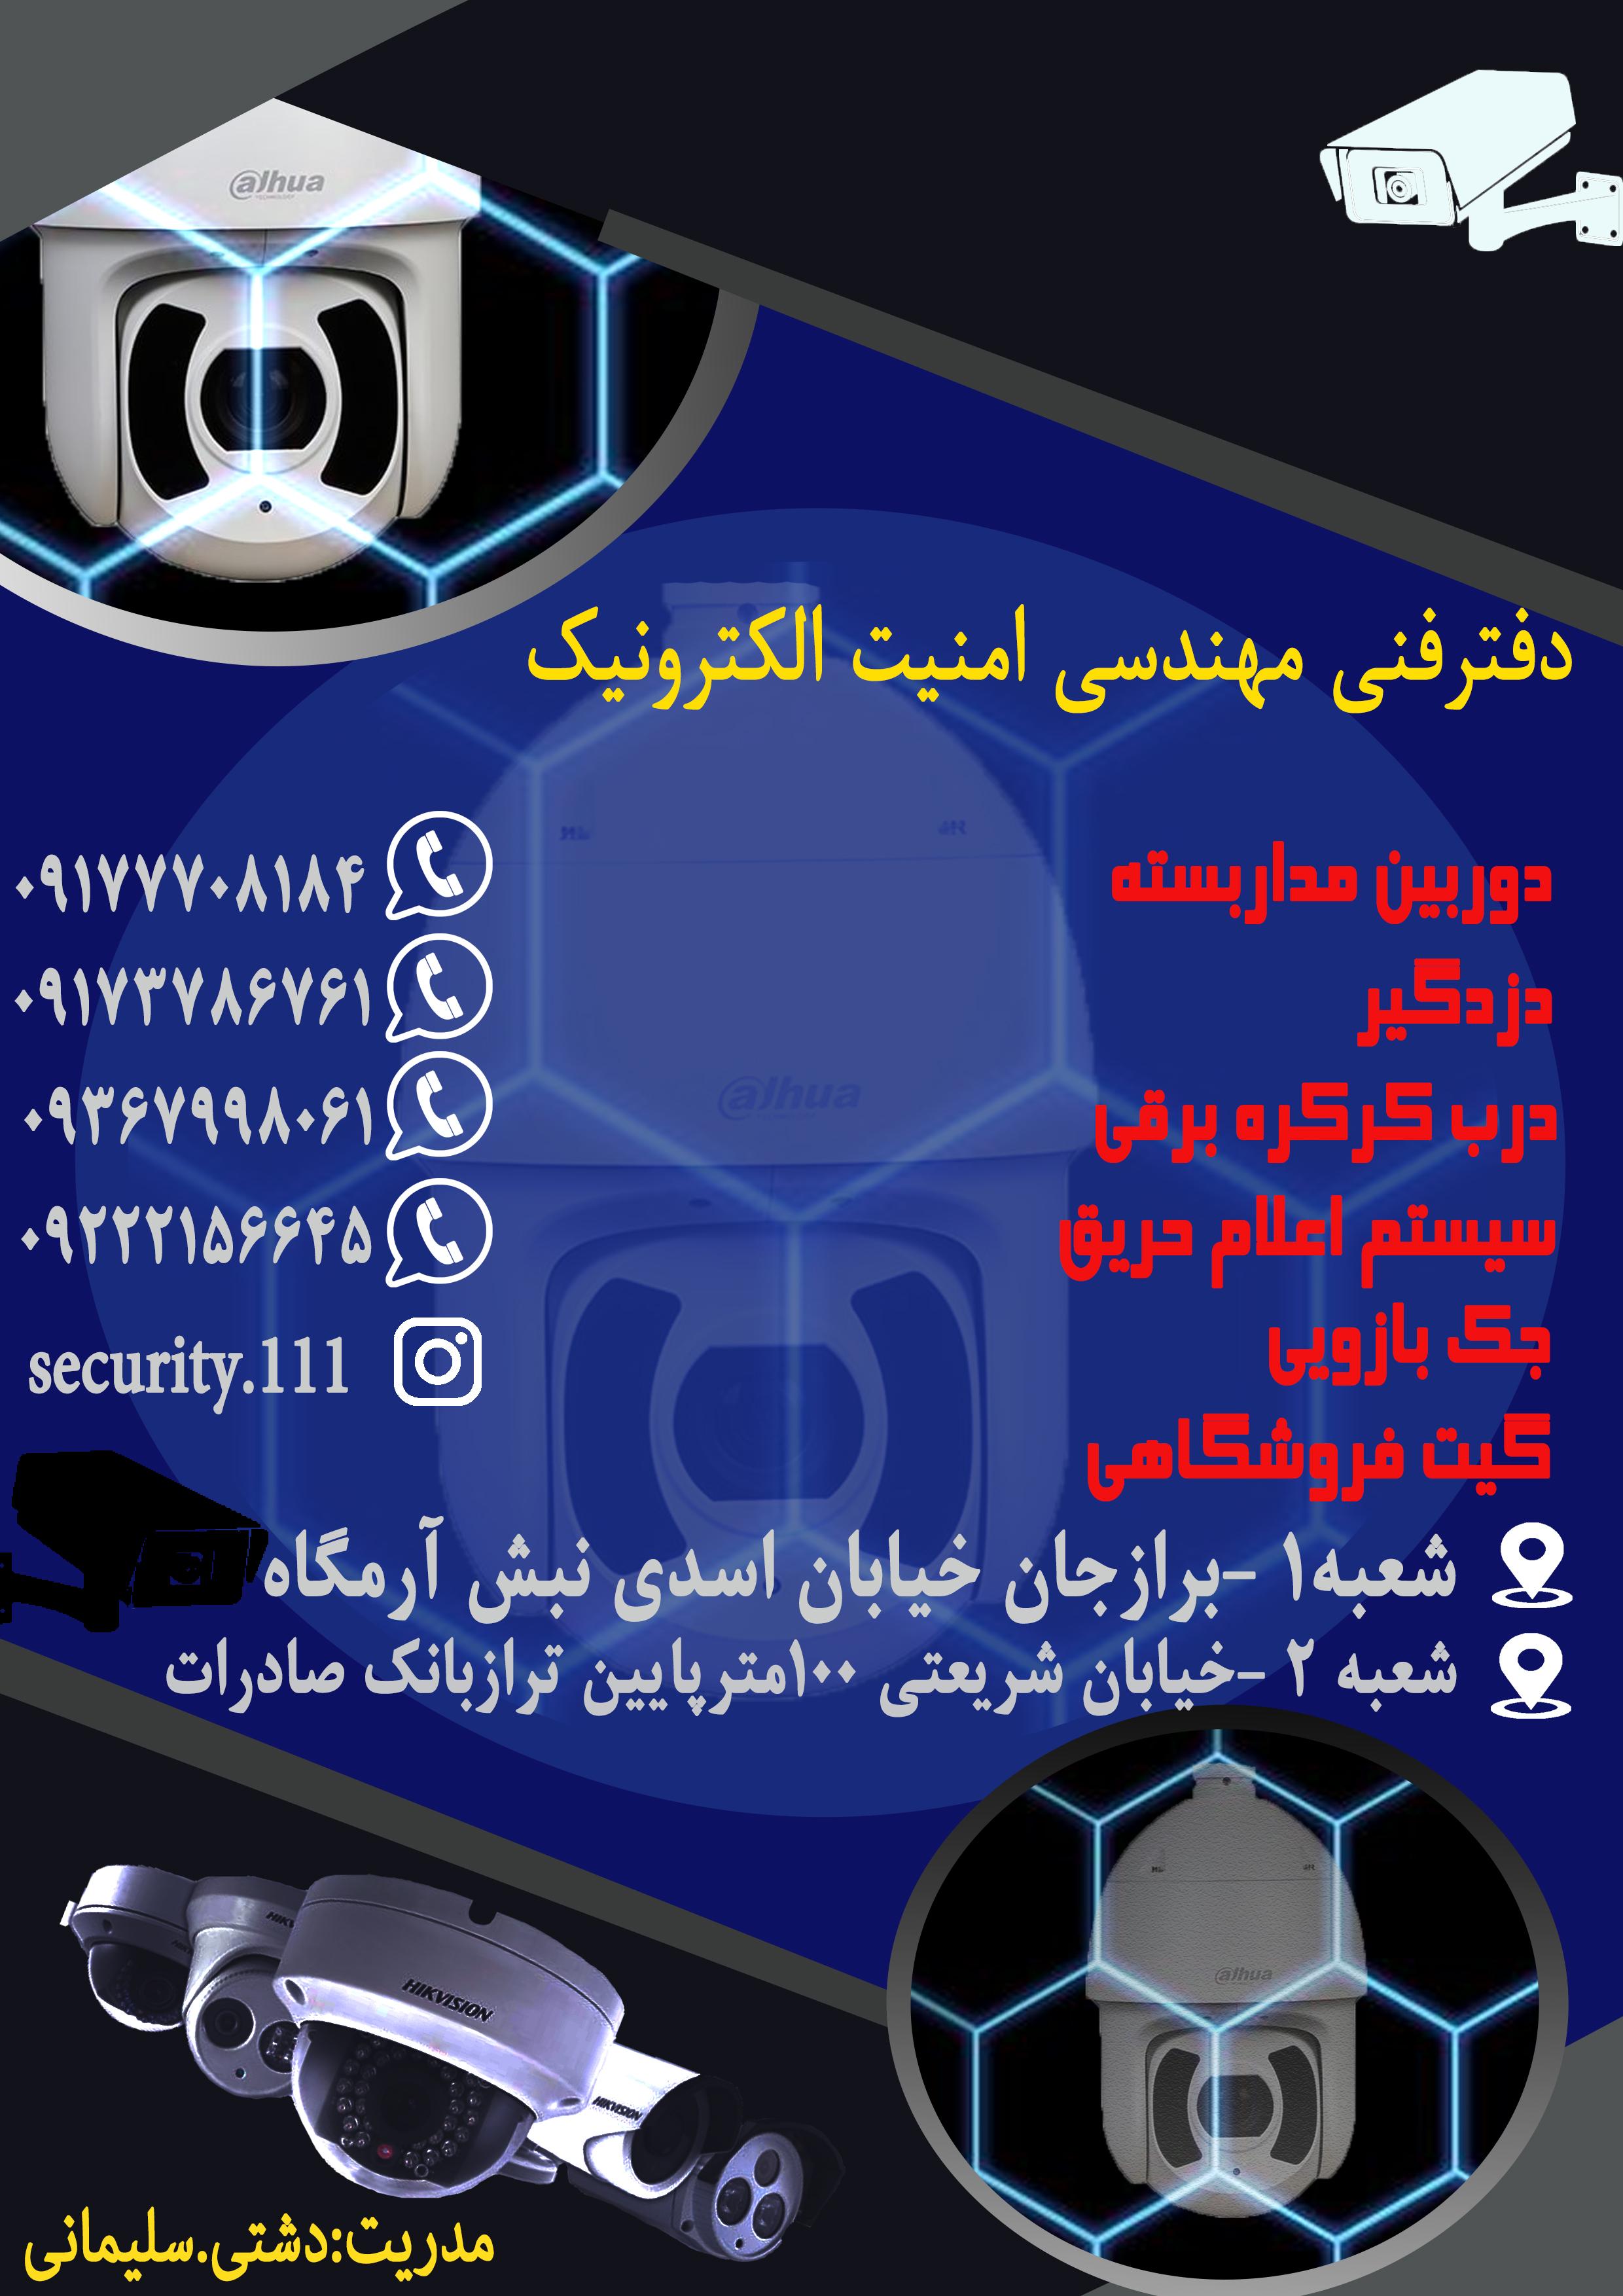 دفترفنی1 - فایل لایه باز دفترفنی مهندسی دوربین مداربسته